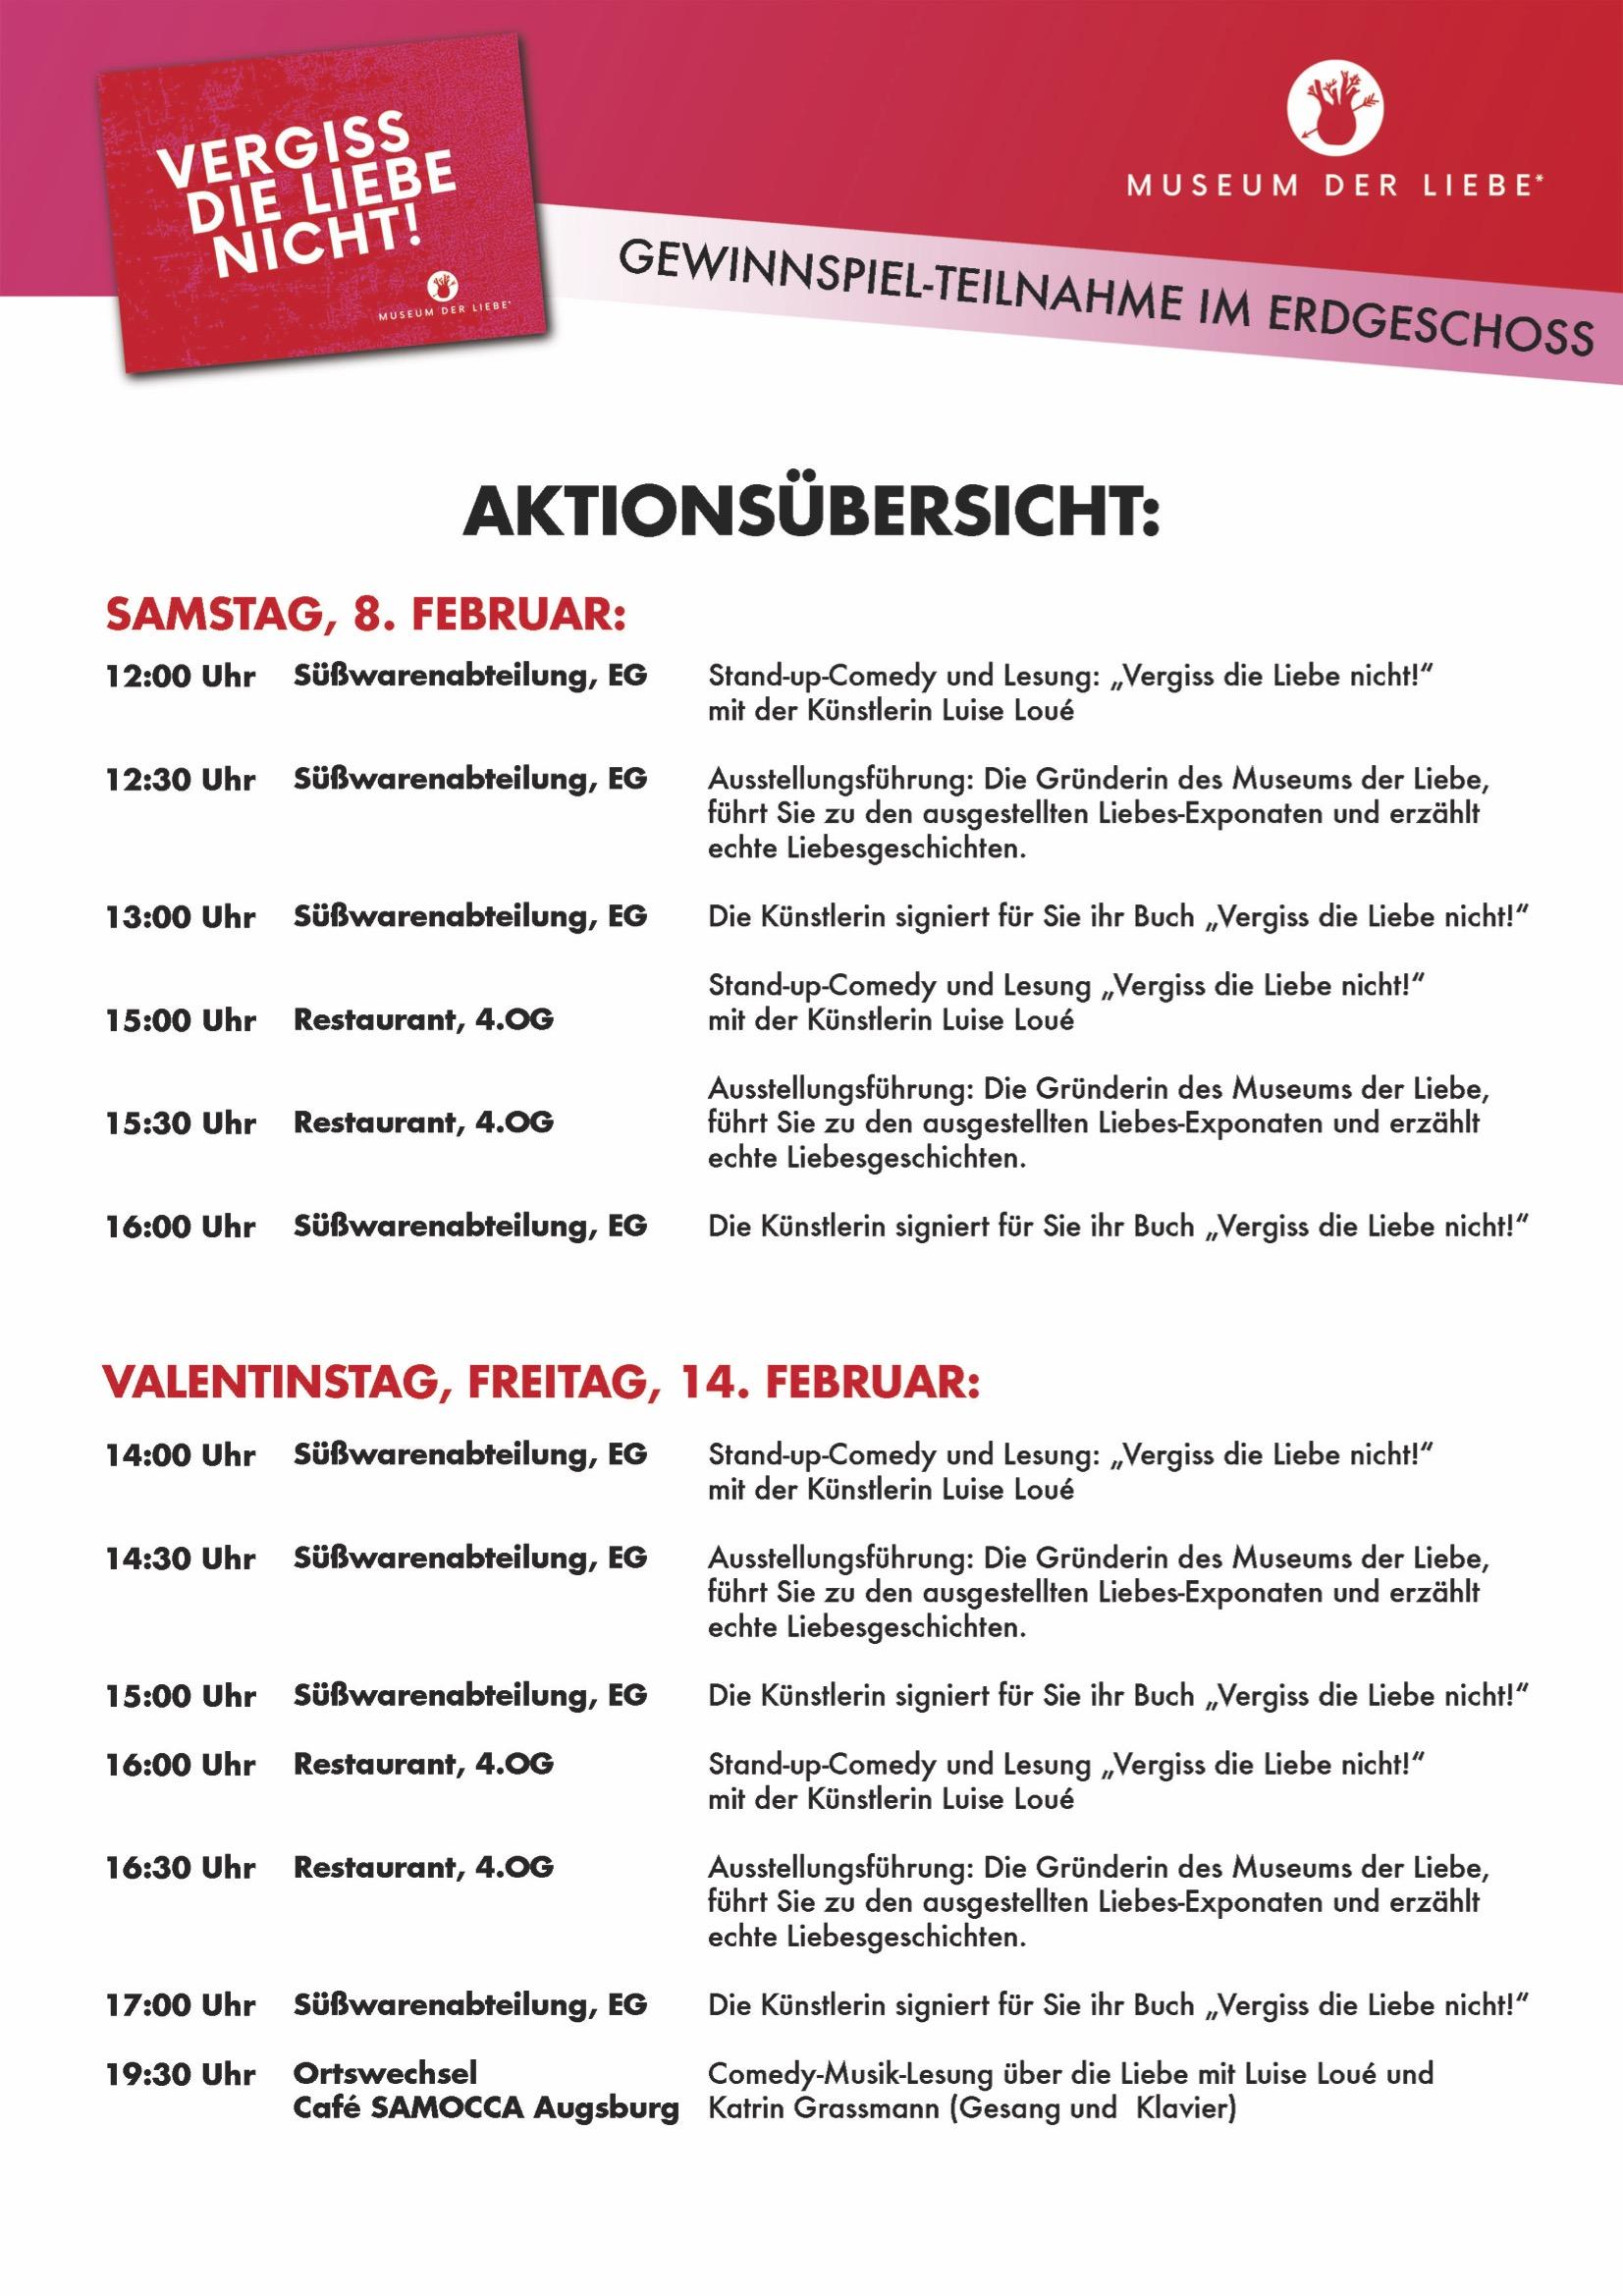 Ausstellung Museum der Liebe Galeria Karstadt Augsburg Programm 2